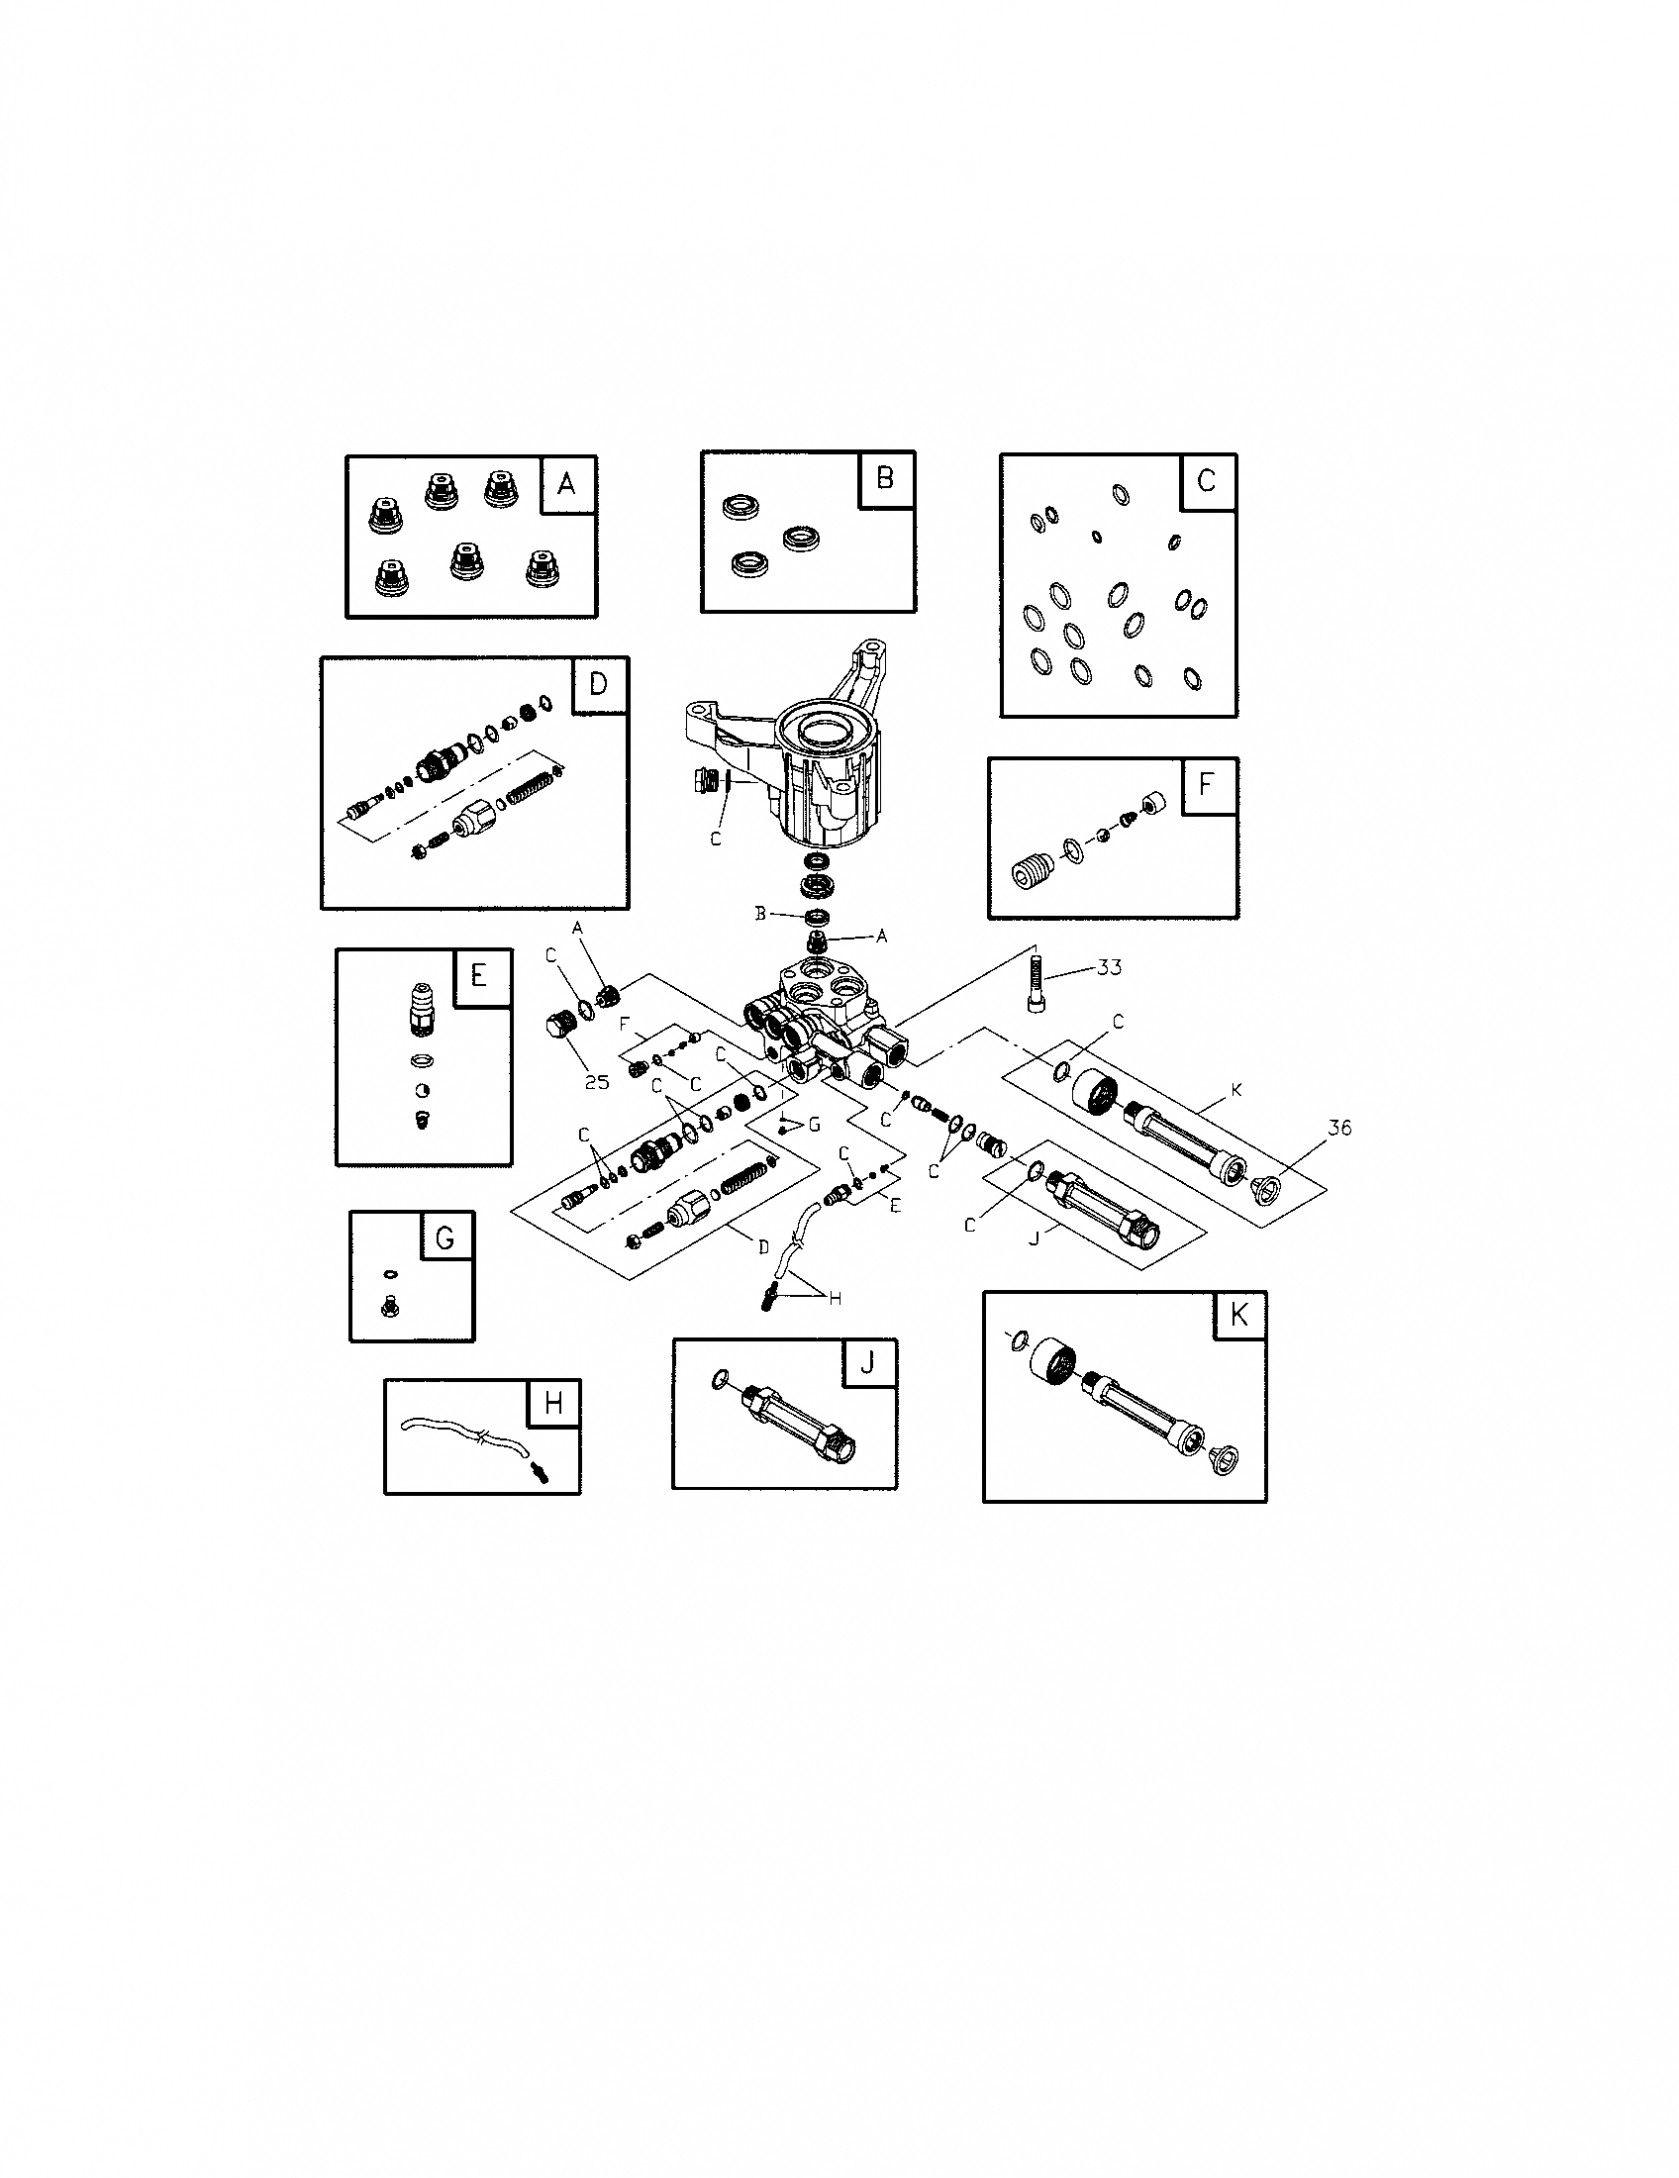 Bilt Bronco Mower Wiring Diagram Get Free Image About Wiring Diagram